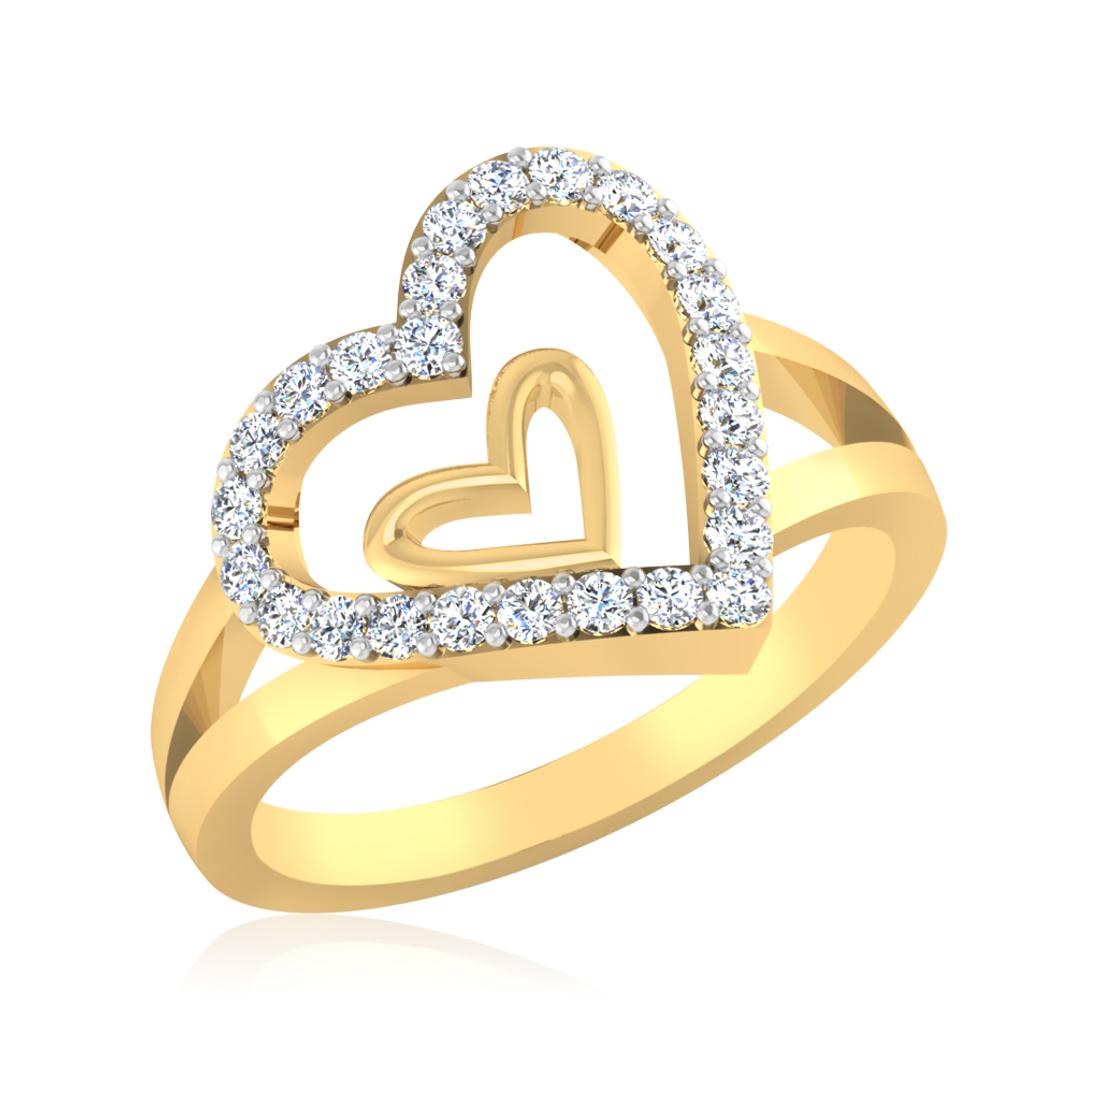 Iski Uski Promise Heart Ring